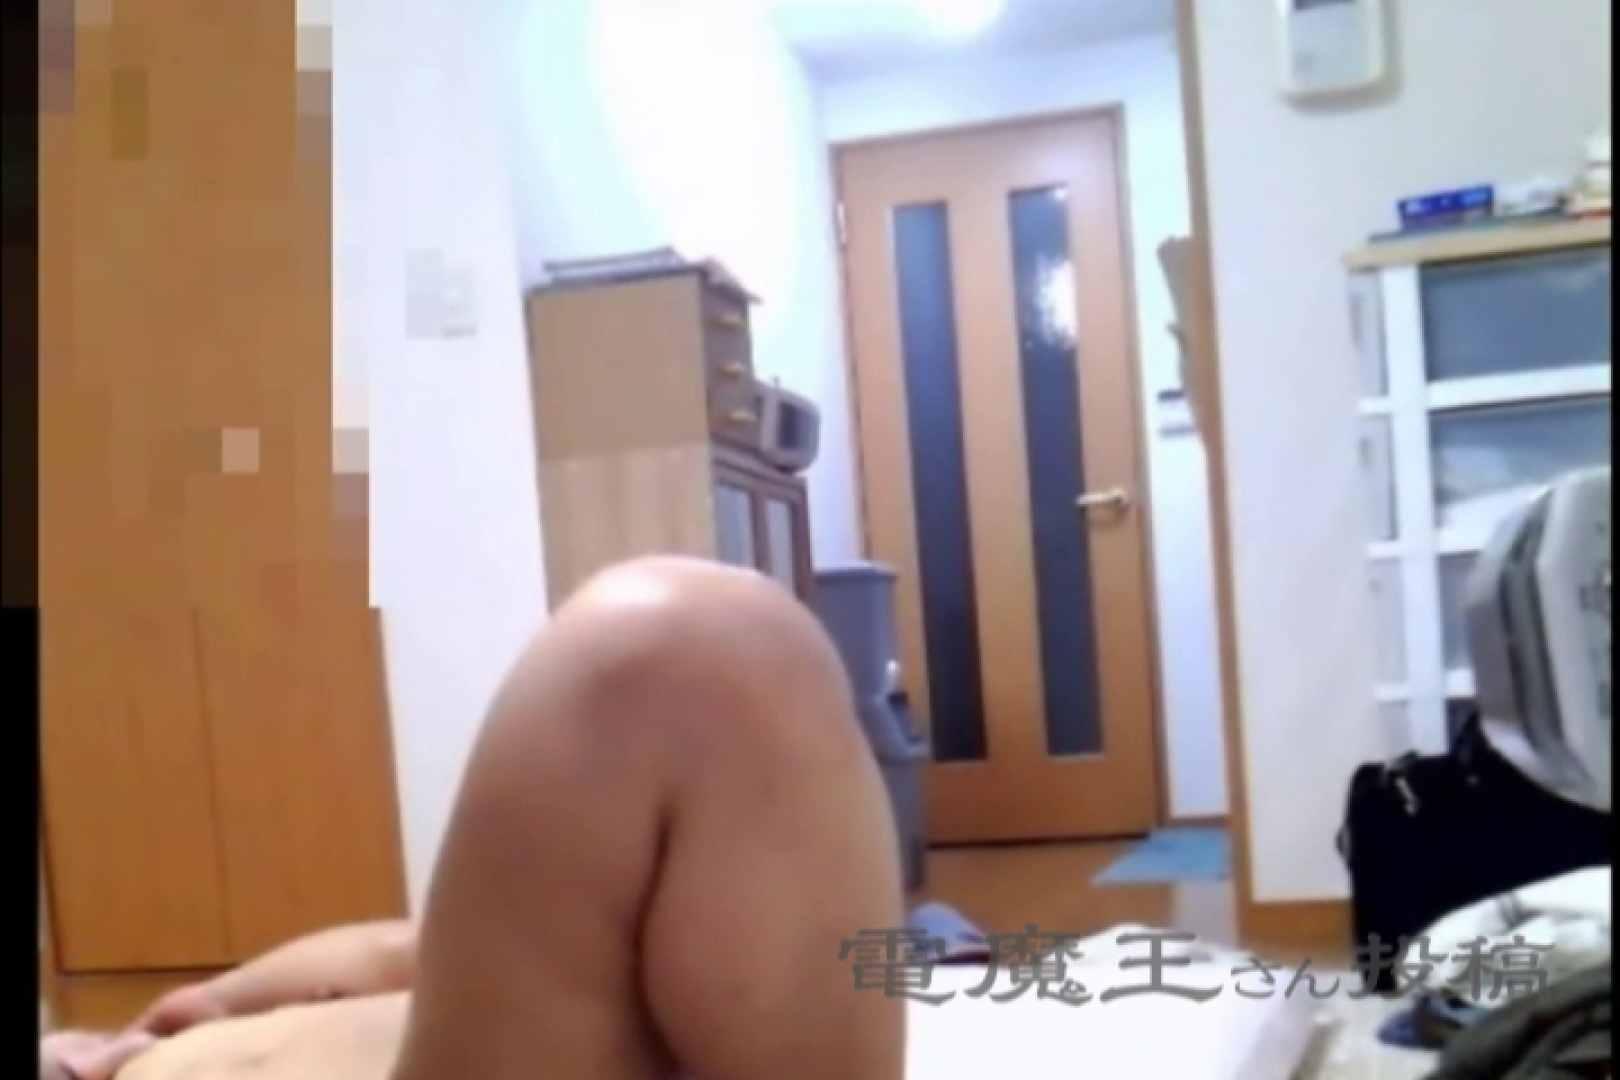 電魔王さんの「隠撮の部屋」ケイ 隠撮  91pic 90